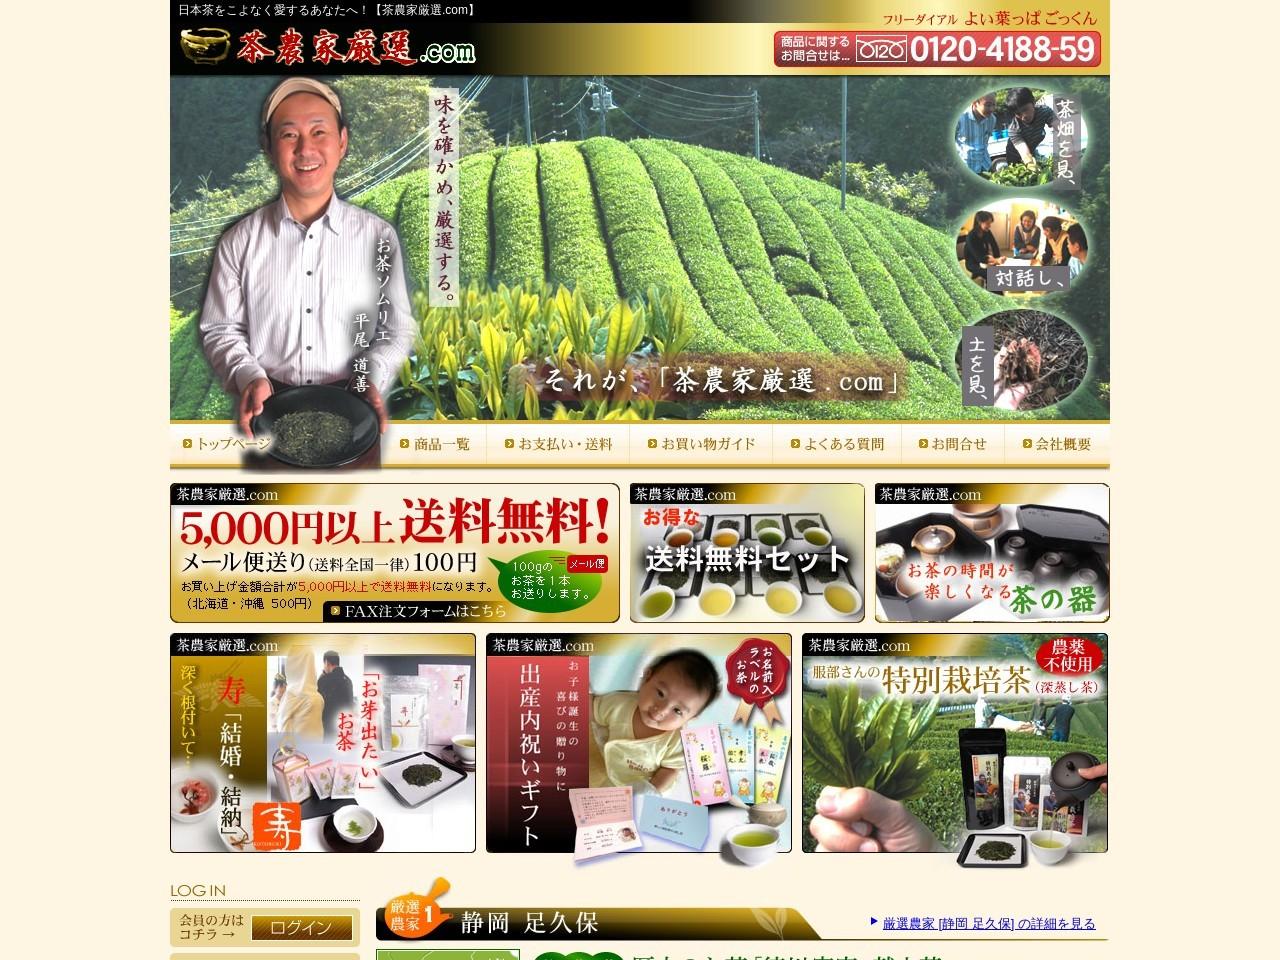 日本茶をこよなく愛するあなたへ!日本茶/通販/販売【茶農家厳選.com】